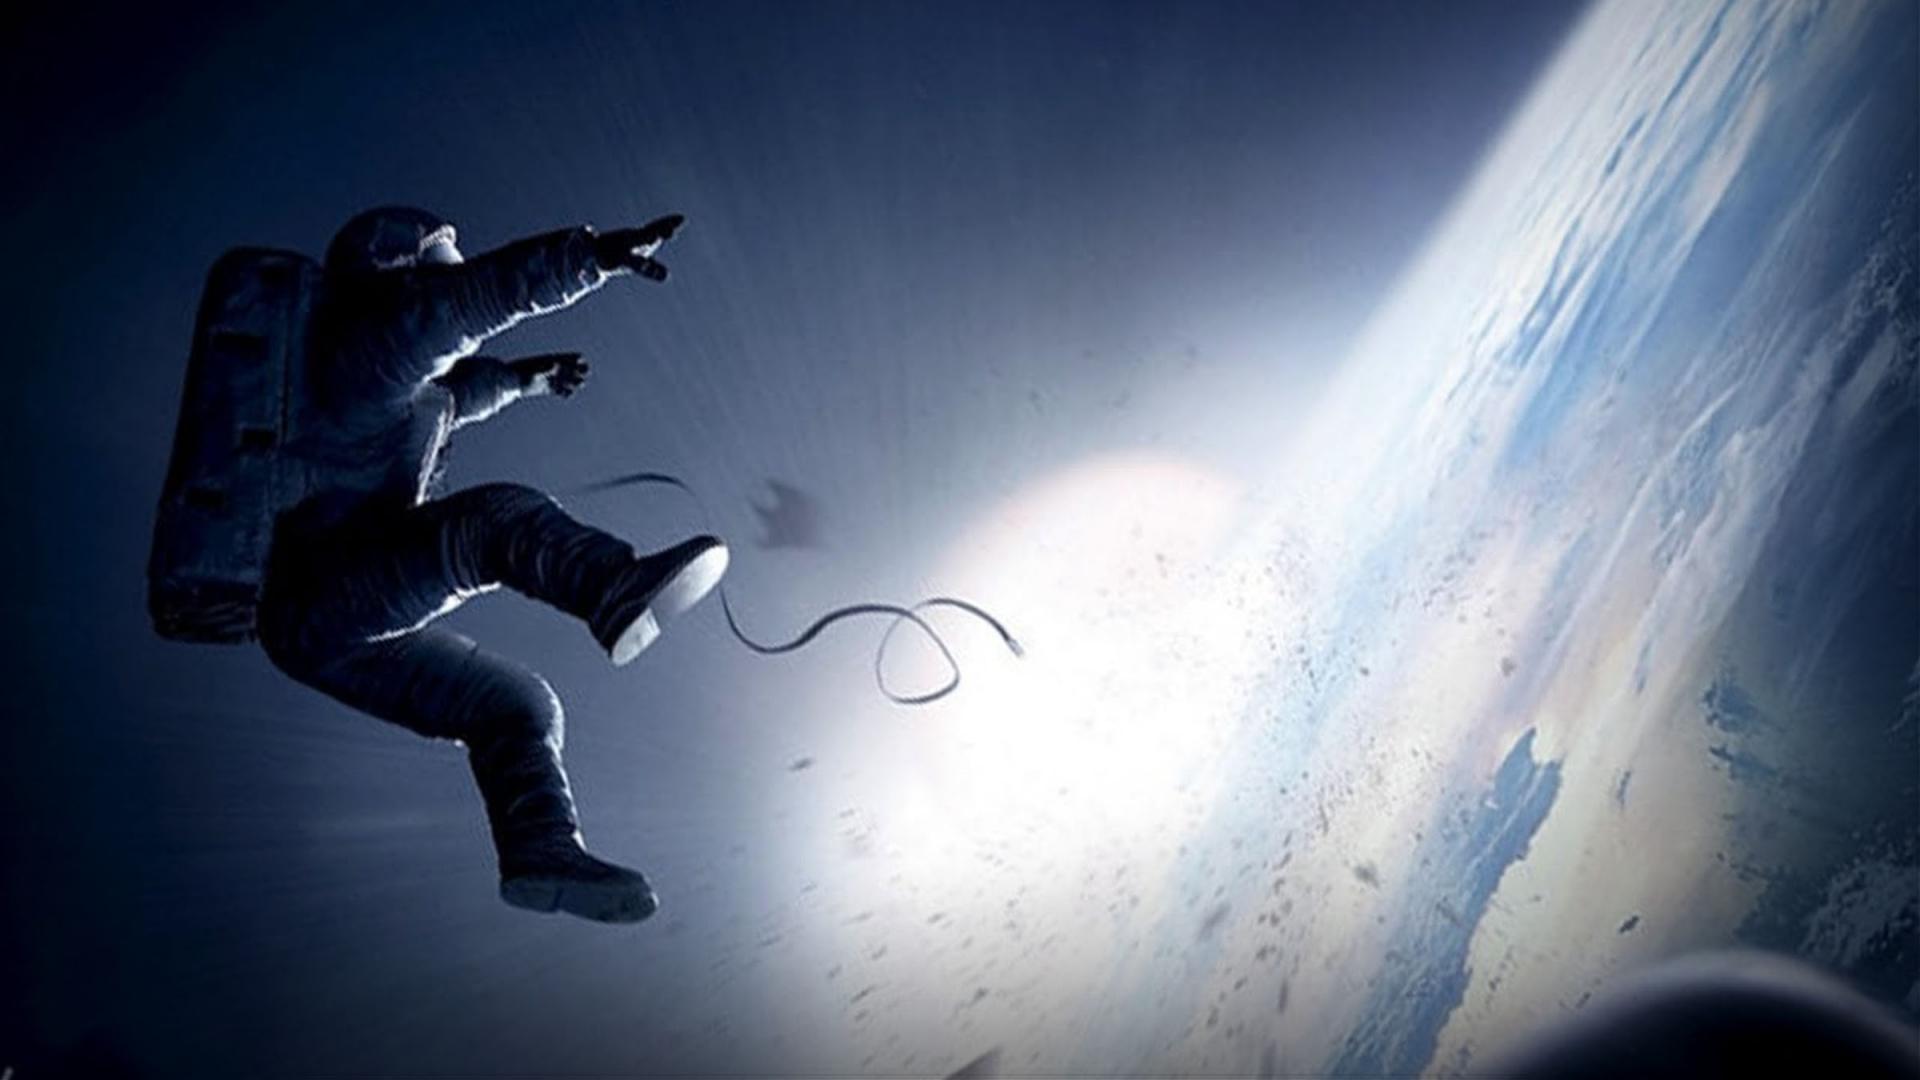 прыжок в космос картинка предлагает